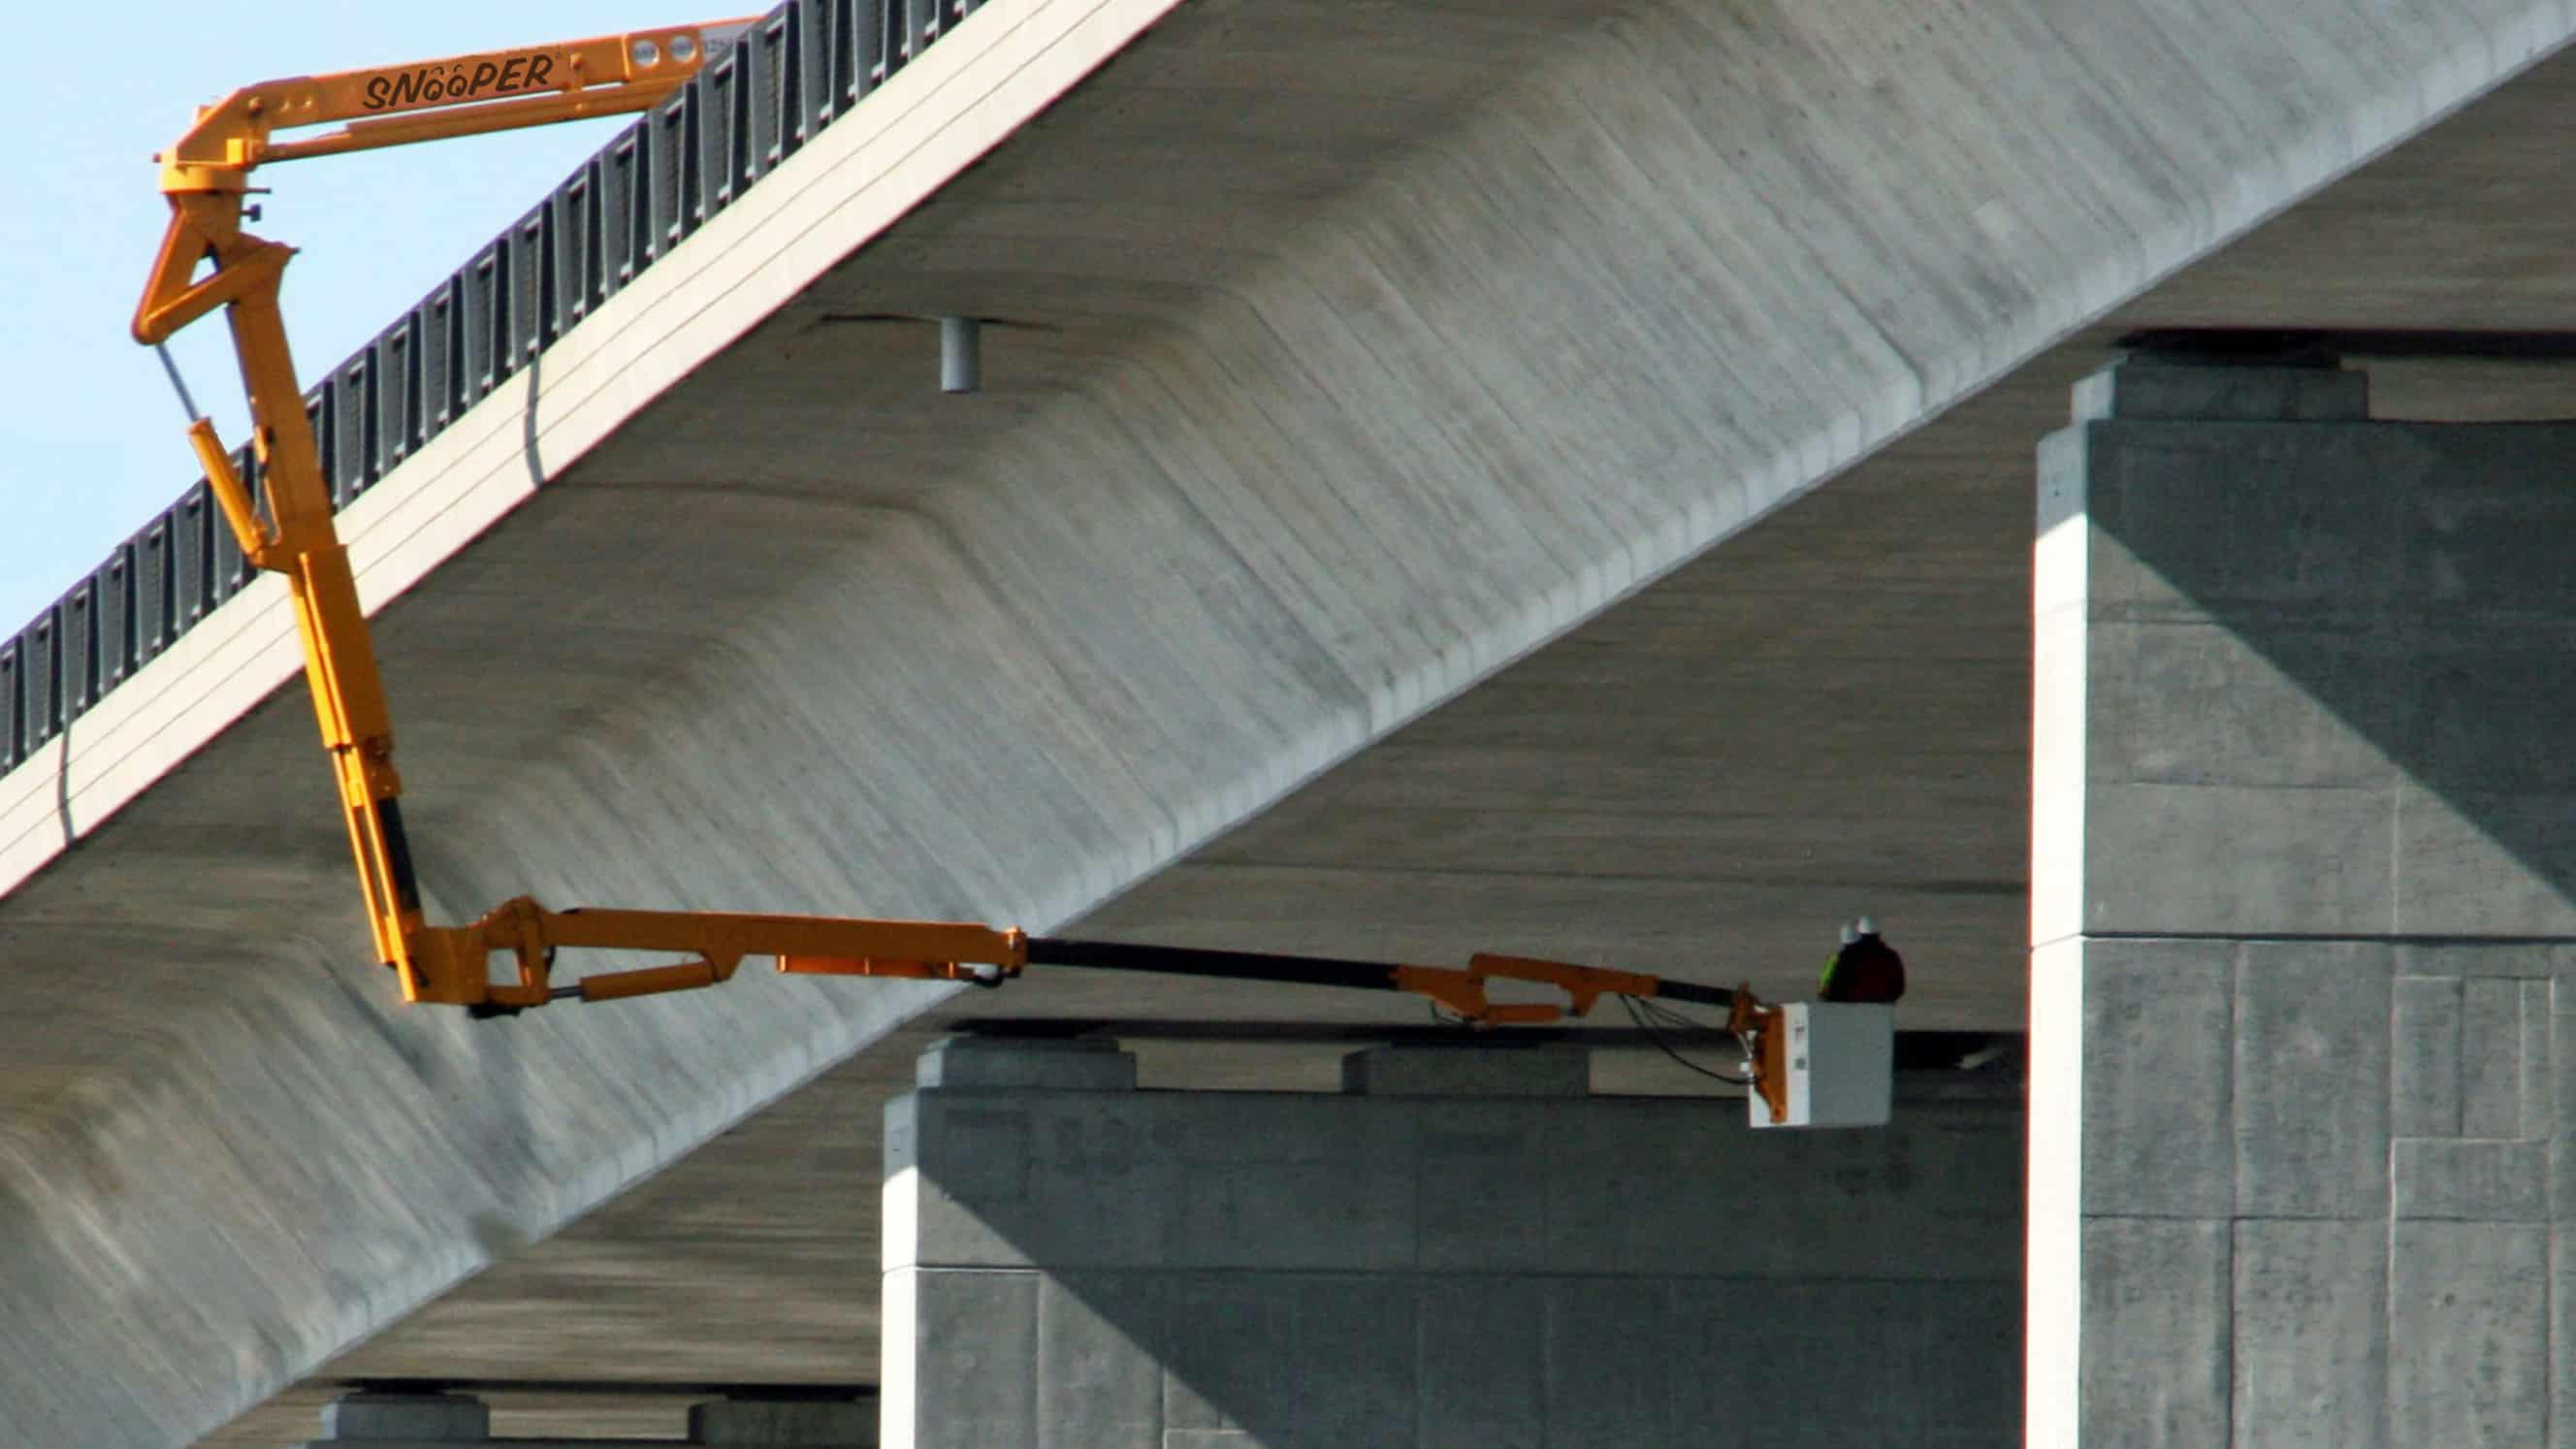 McClain & Co., Inc. - 65ft Underbridge Inspection Unit